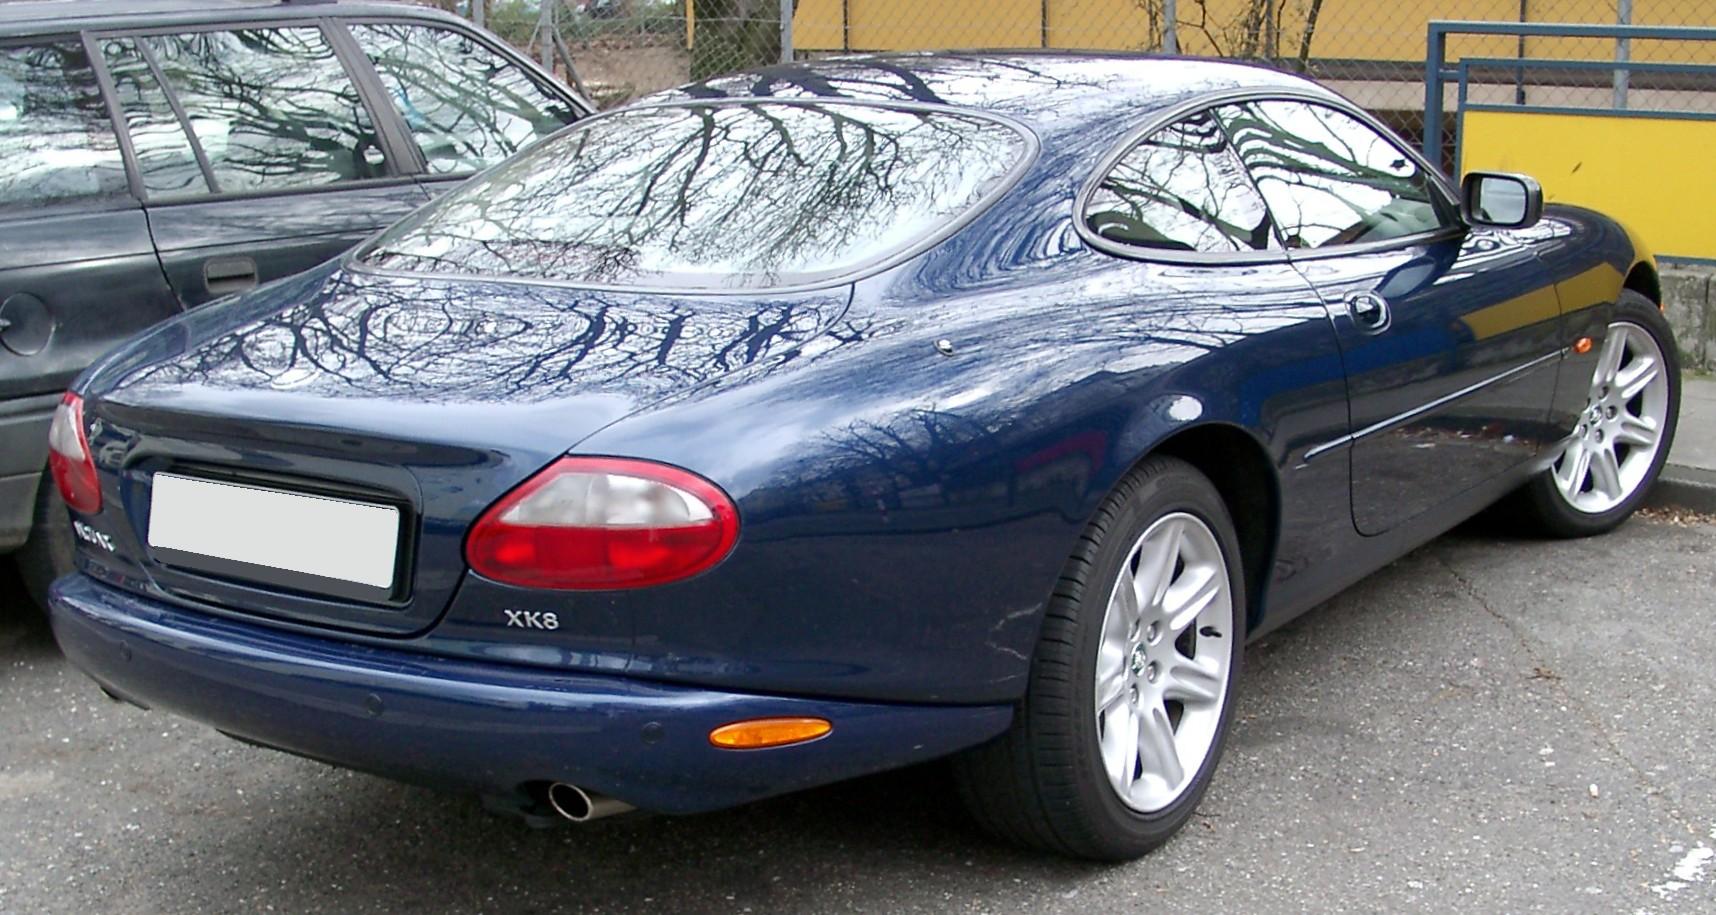 File:Jaguar X100 rear 20080313.jpg - Wikimedia Commons